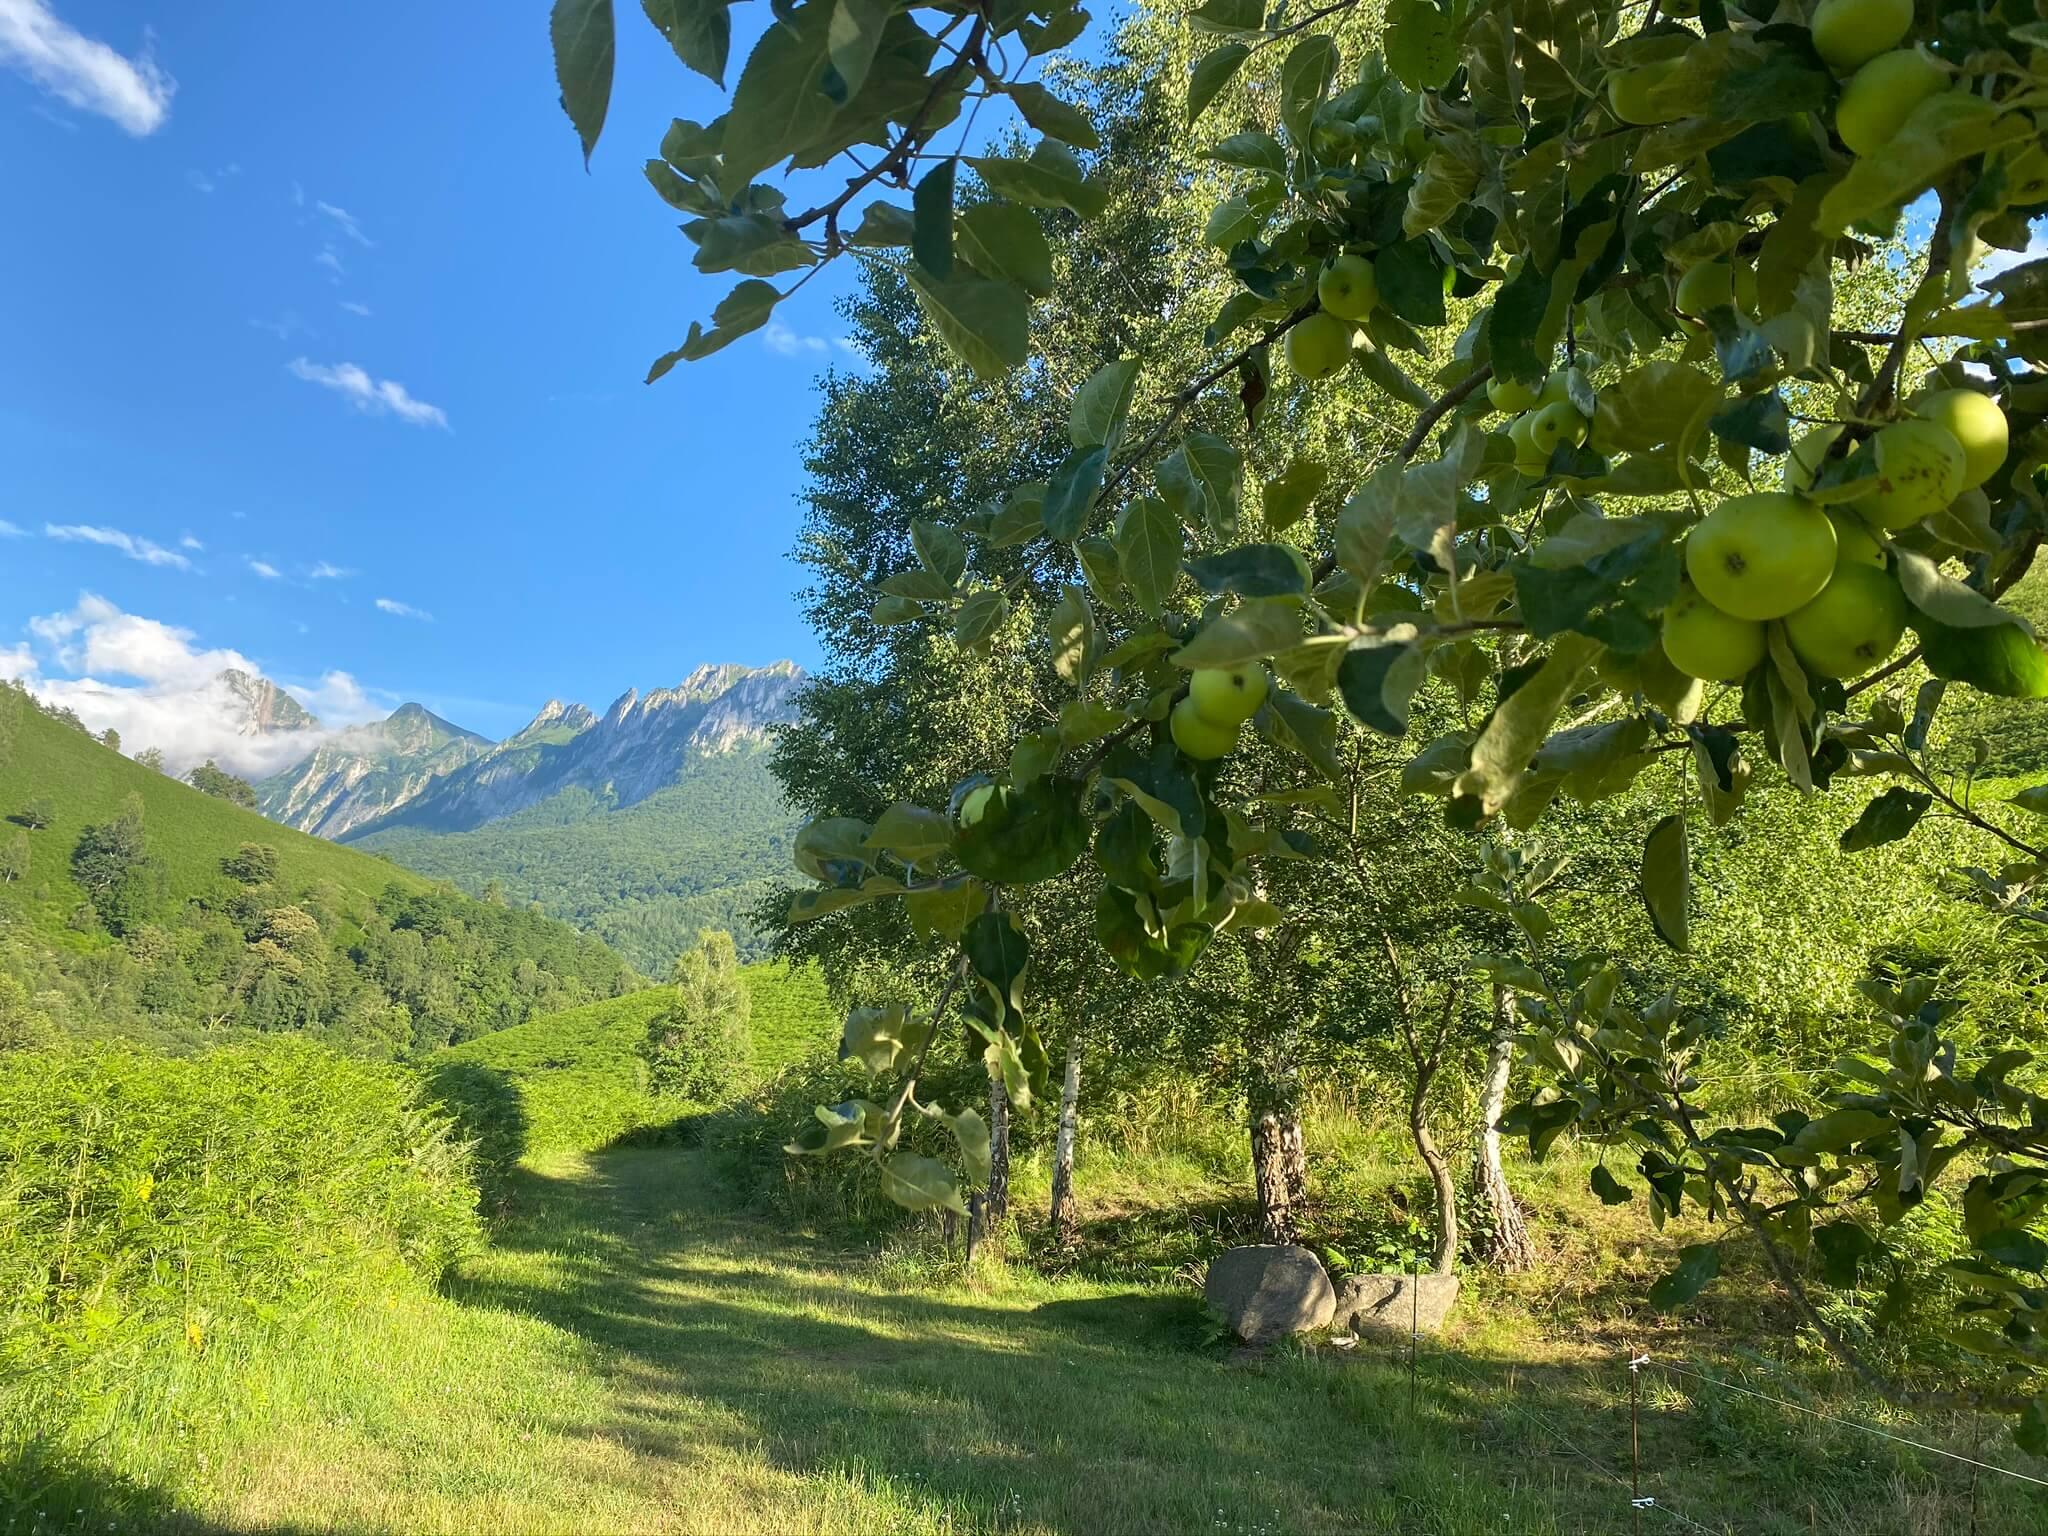 À la fin de l'été ou au début de l'automne, vous pourrez déguster quelques pommes sur le balcon nord du Poey